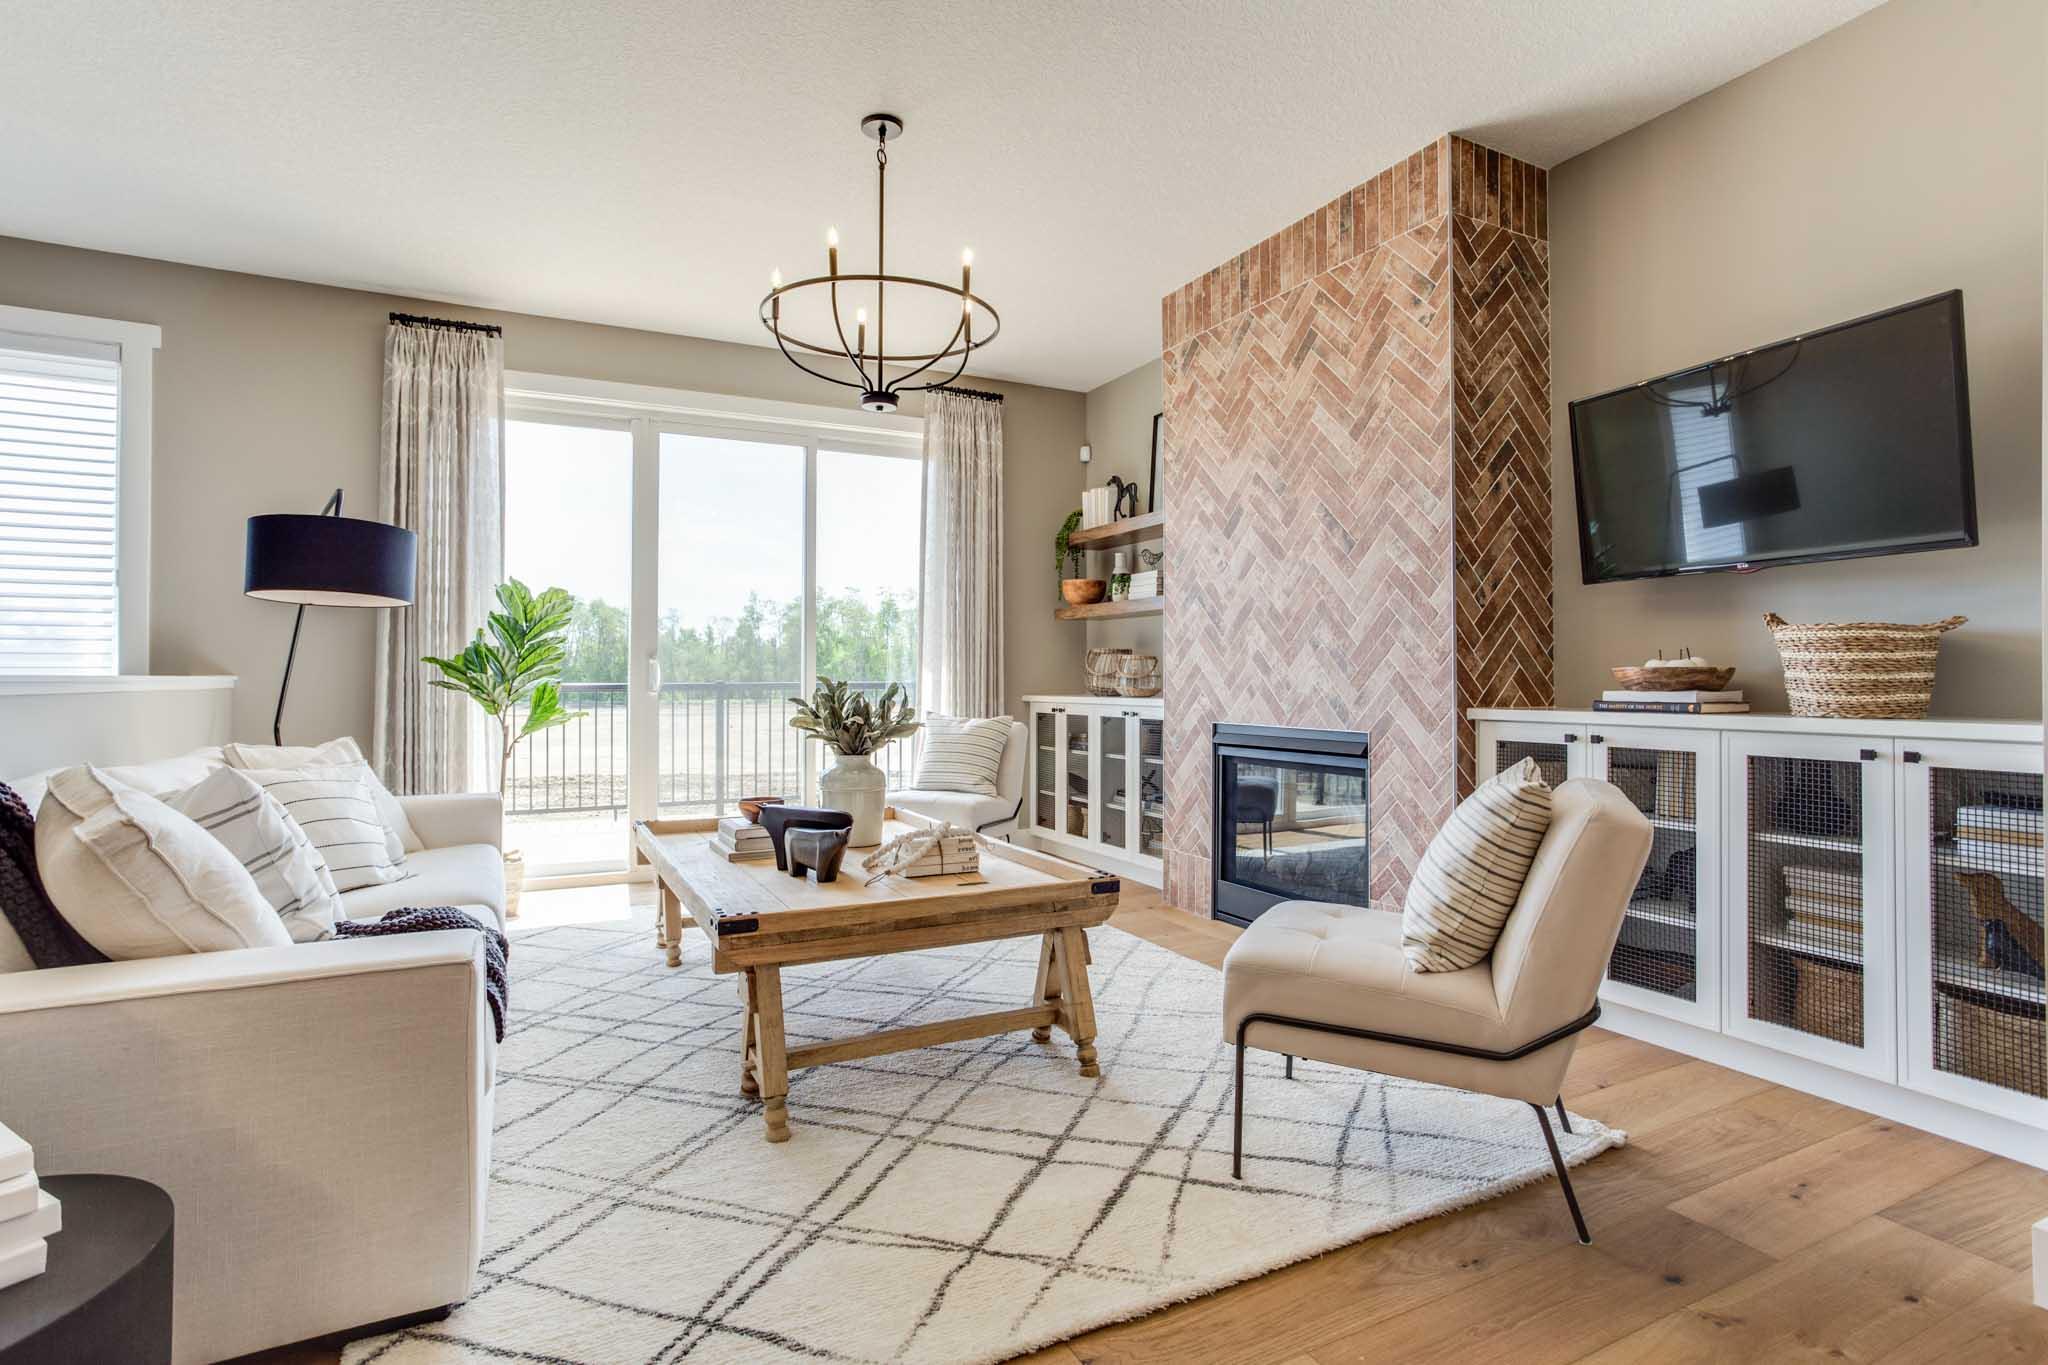 interiorphotography-rankindr-homesbyavi-webres-11